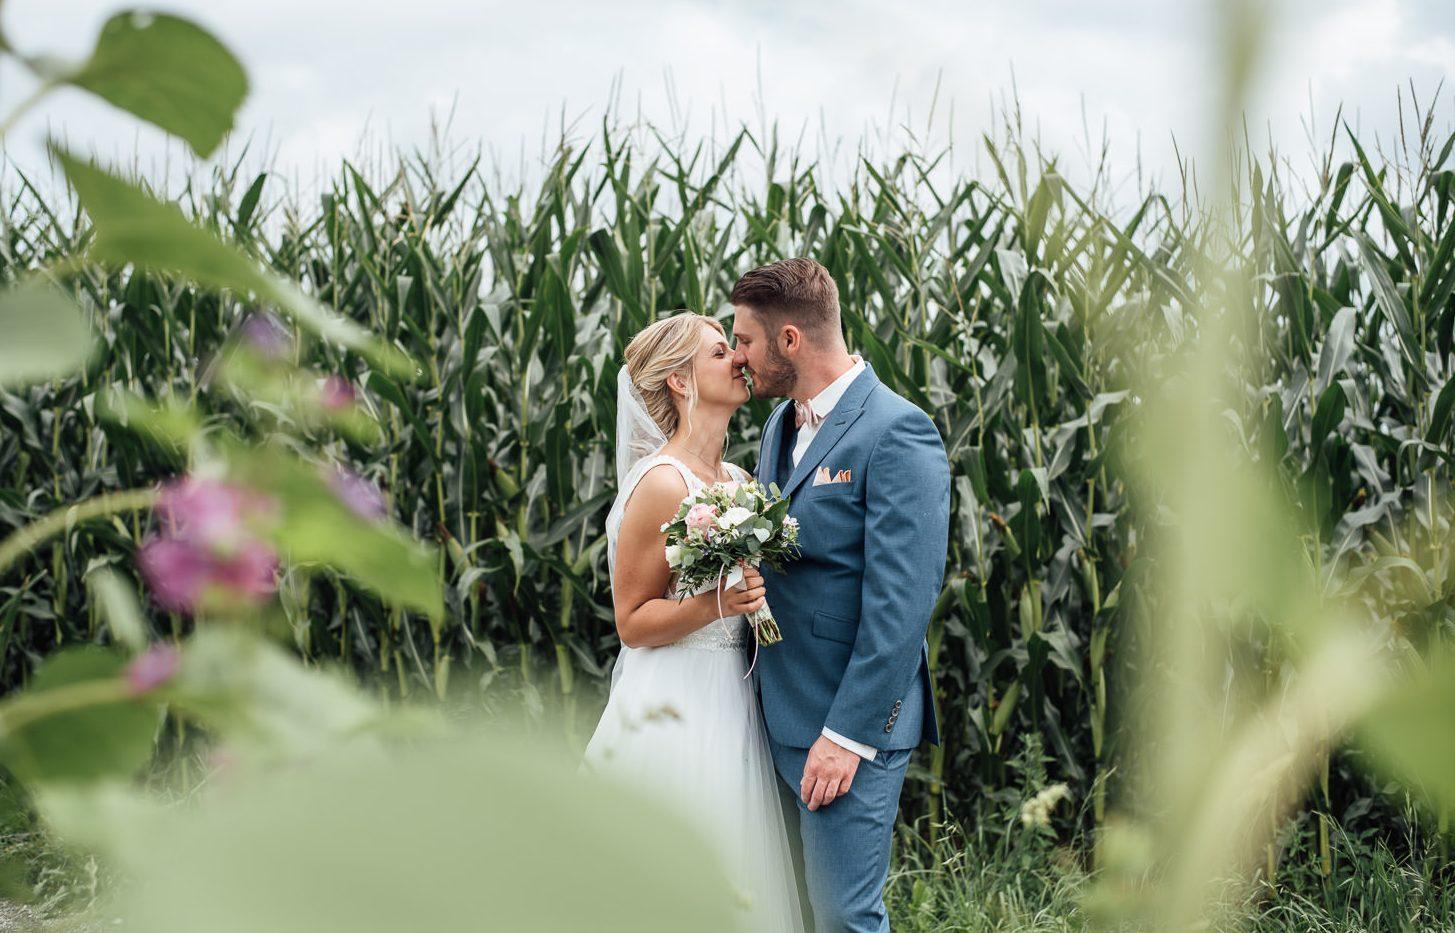 Hochzeitsfotograf in Oberpframmern bei Aying nahe München